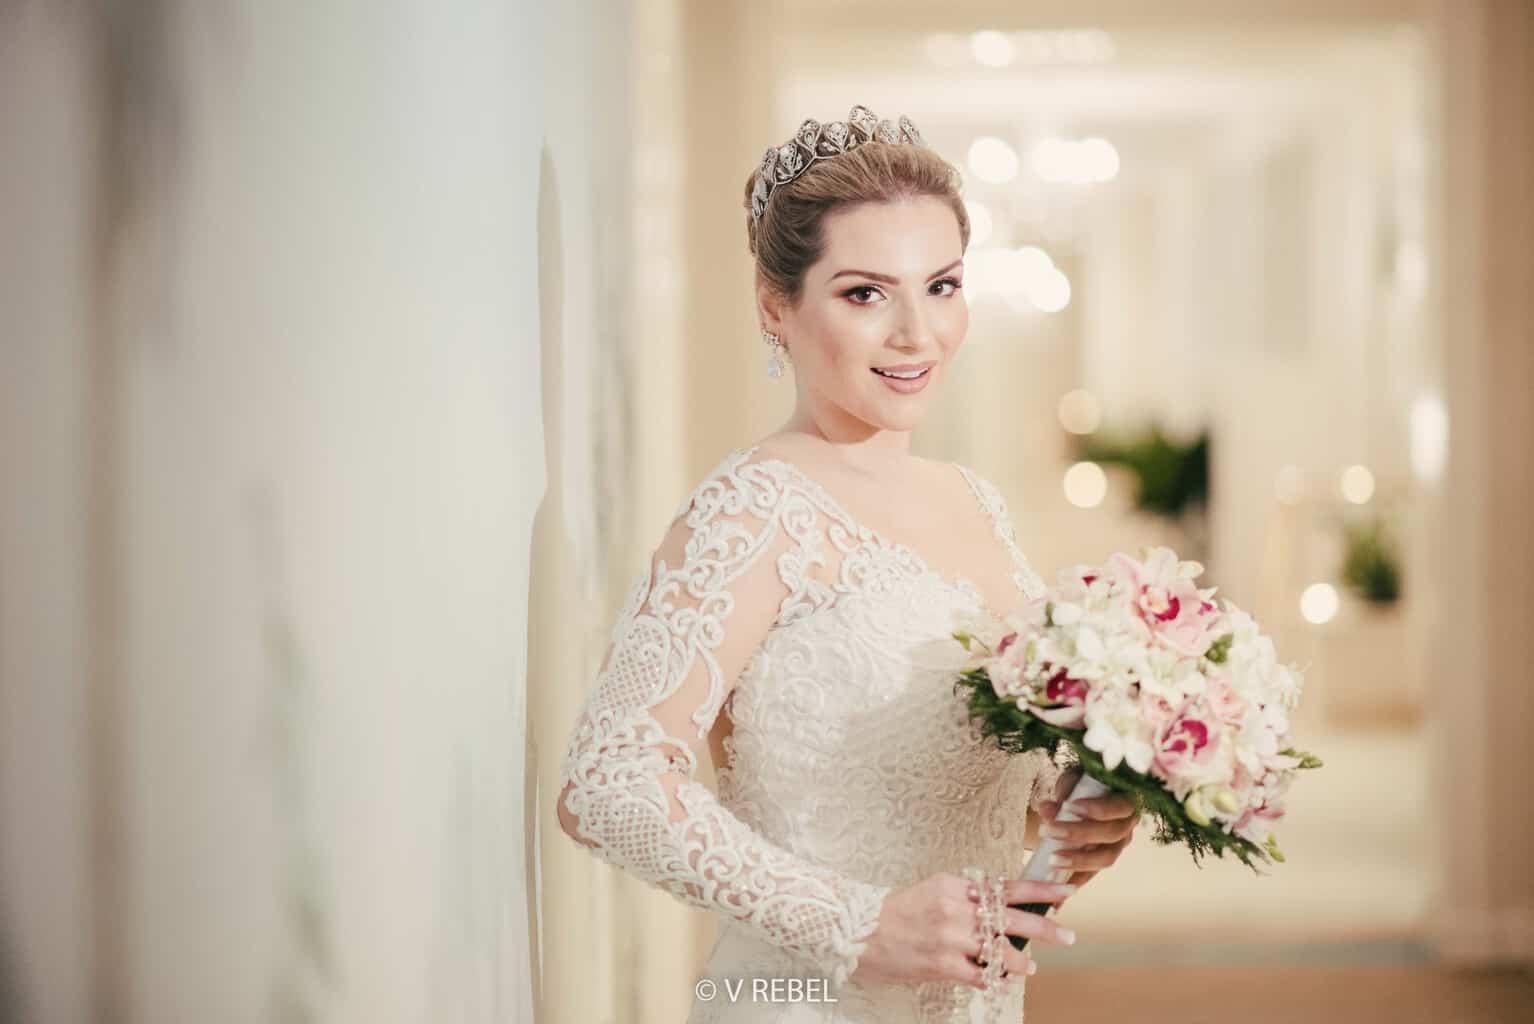 casamento-Caroline-e-Breno-casamento-clássico-fotografia-VRebel-making-of16